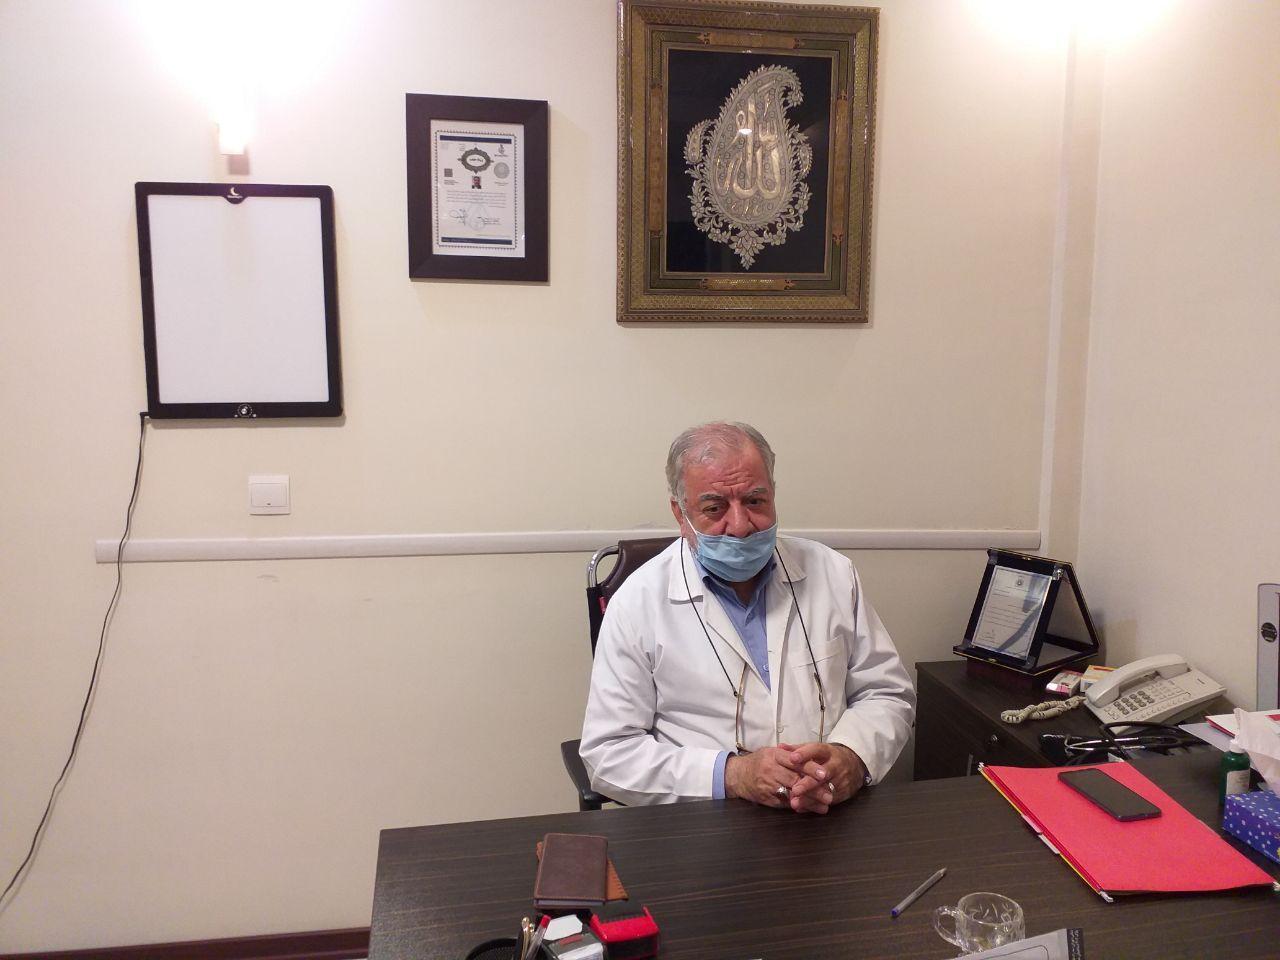 جامعه پزشکی مثل زمان جنگ روسفید شد